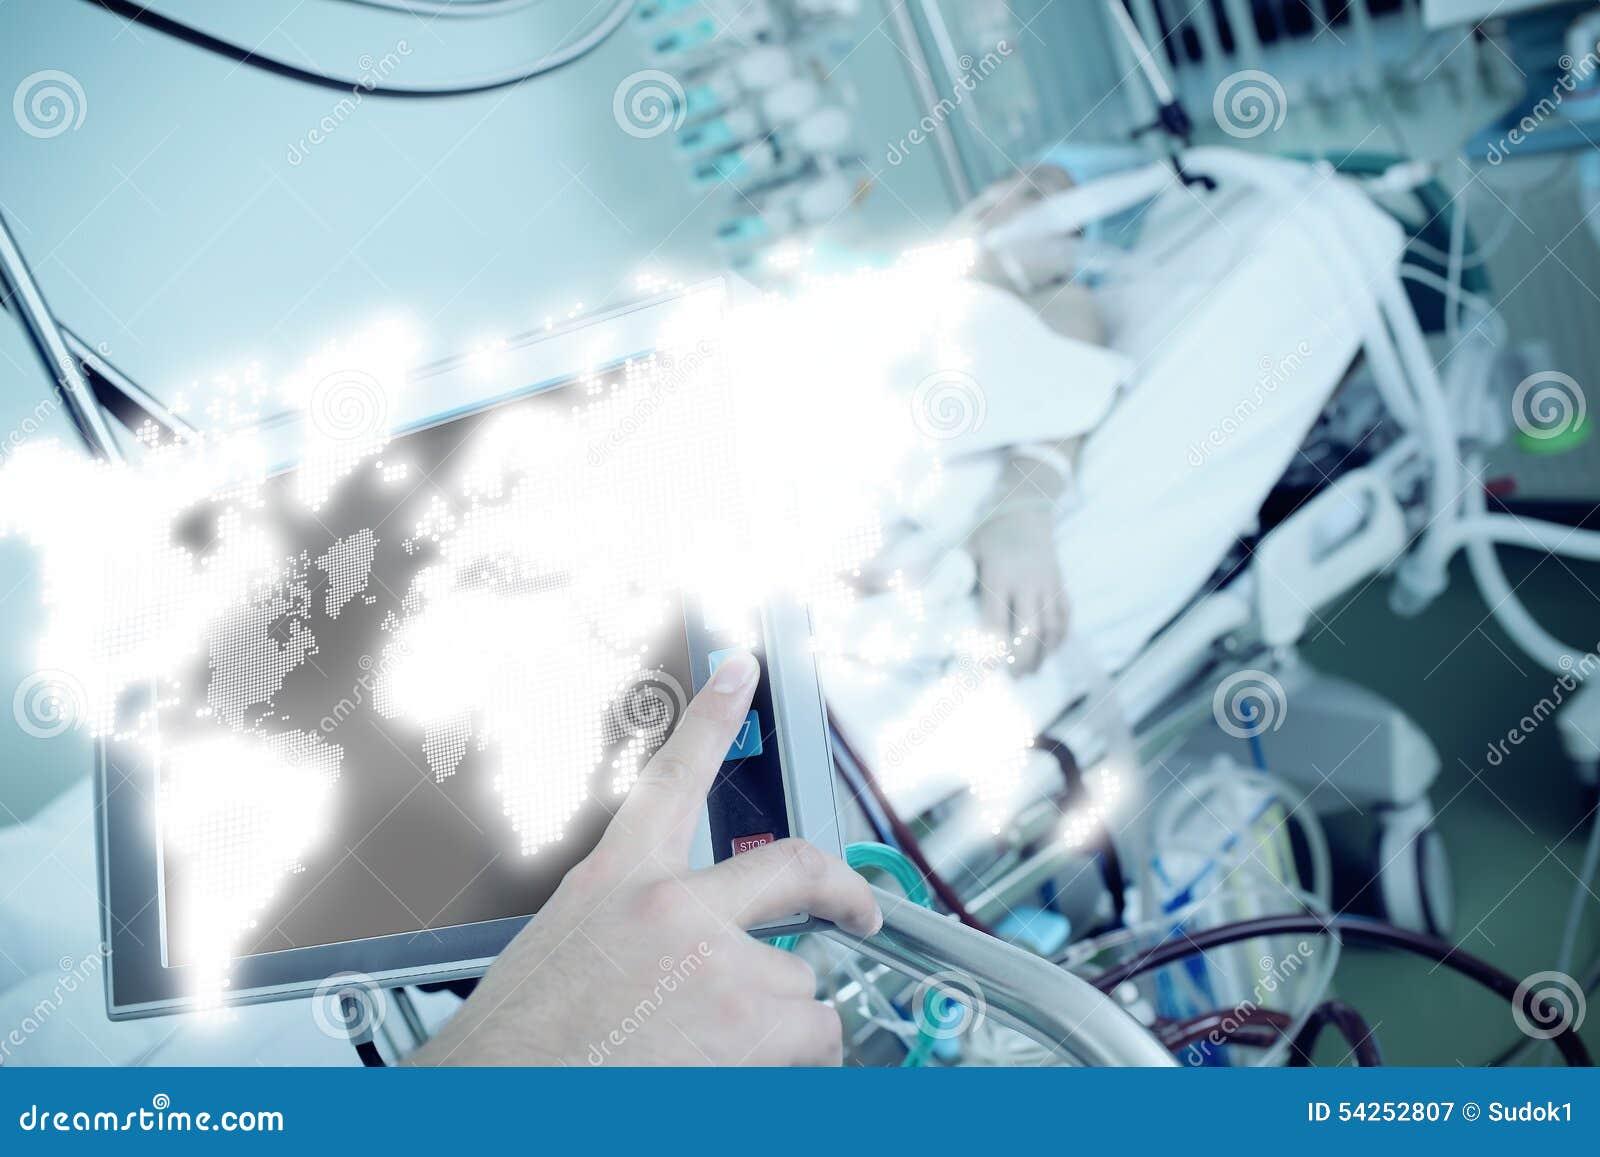 Globale mededeling in de medische industrie